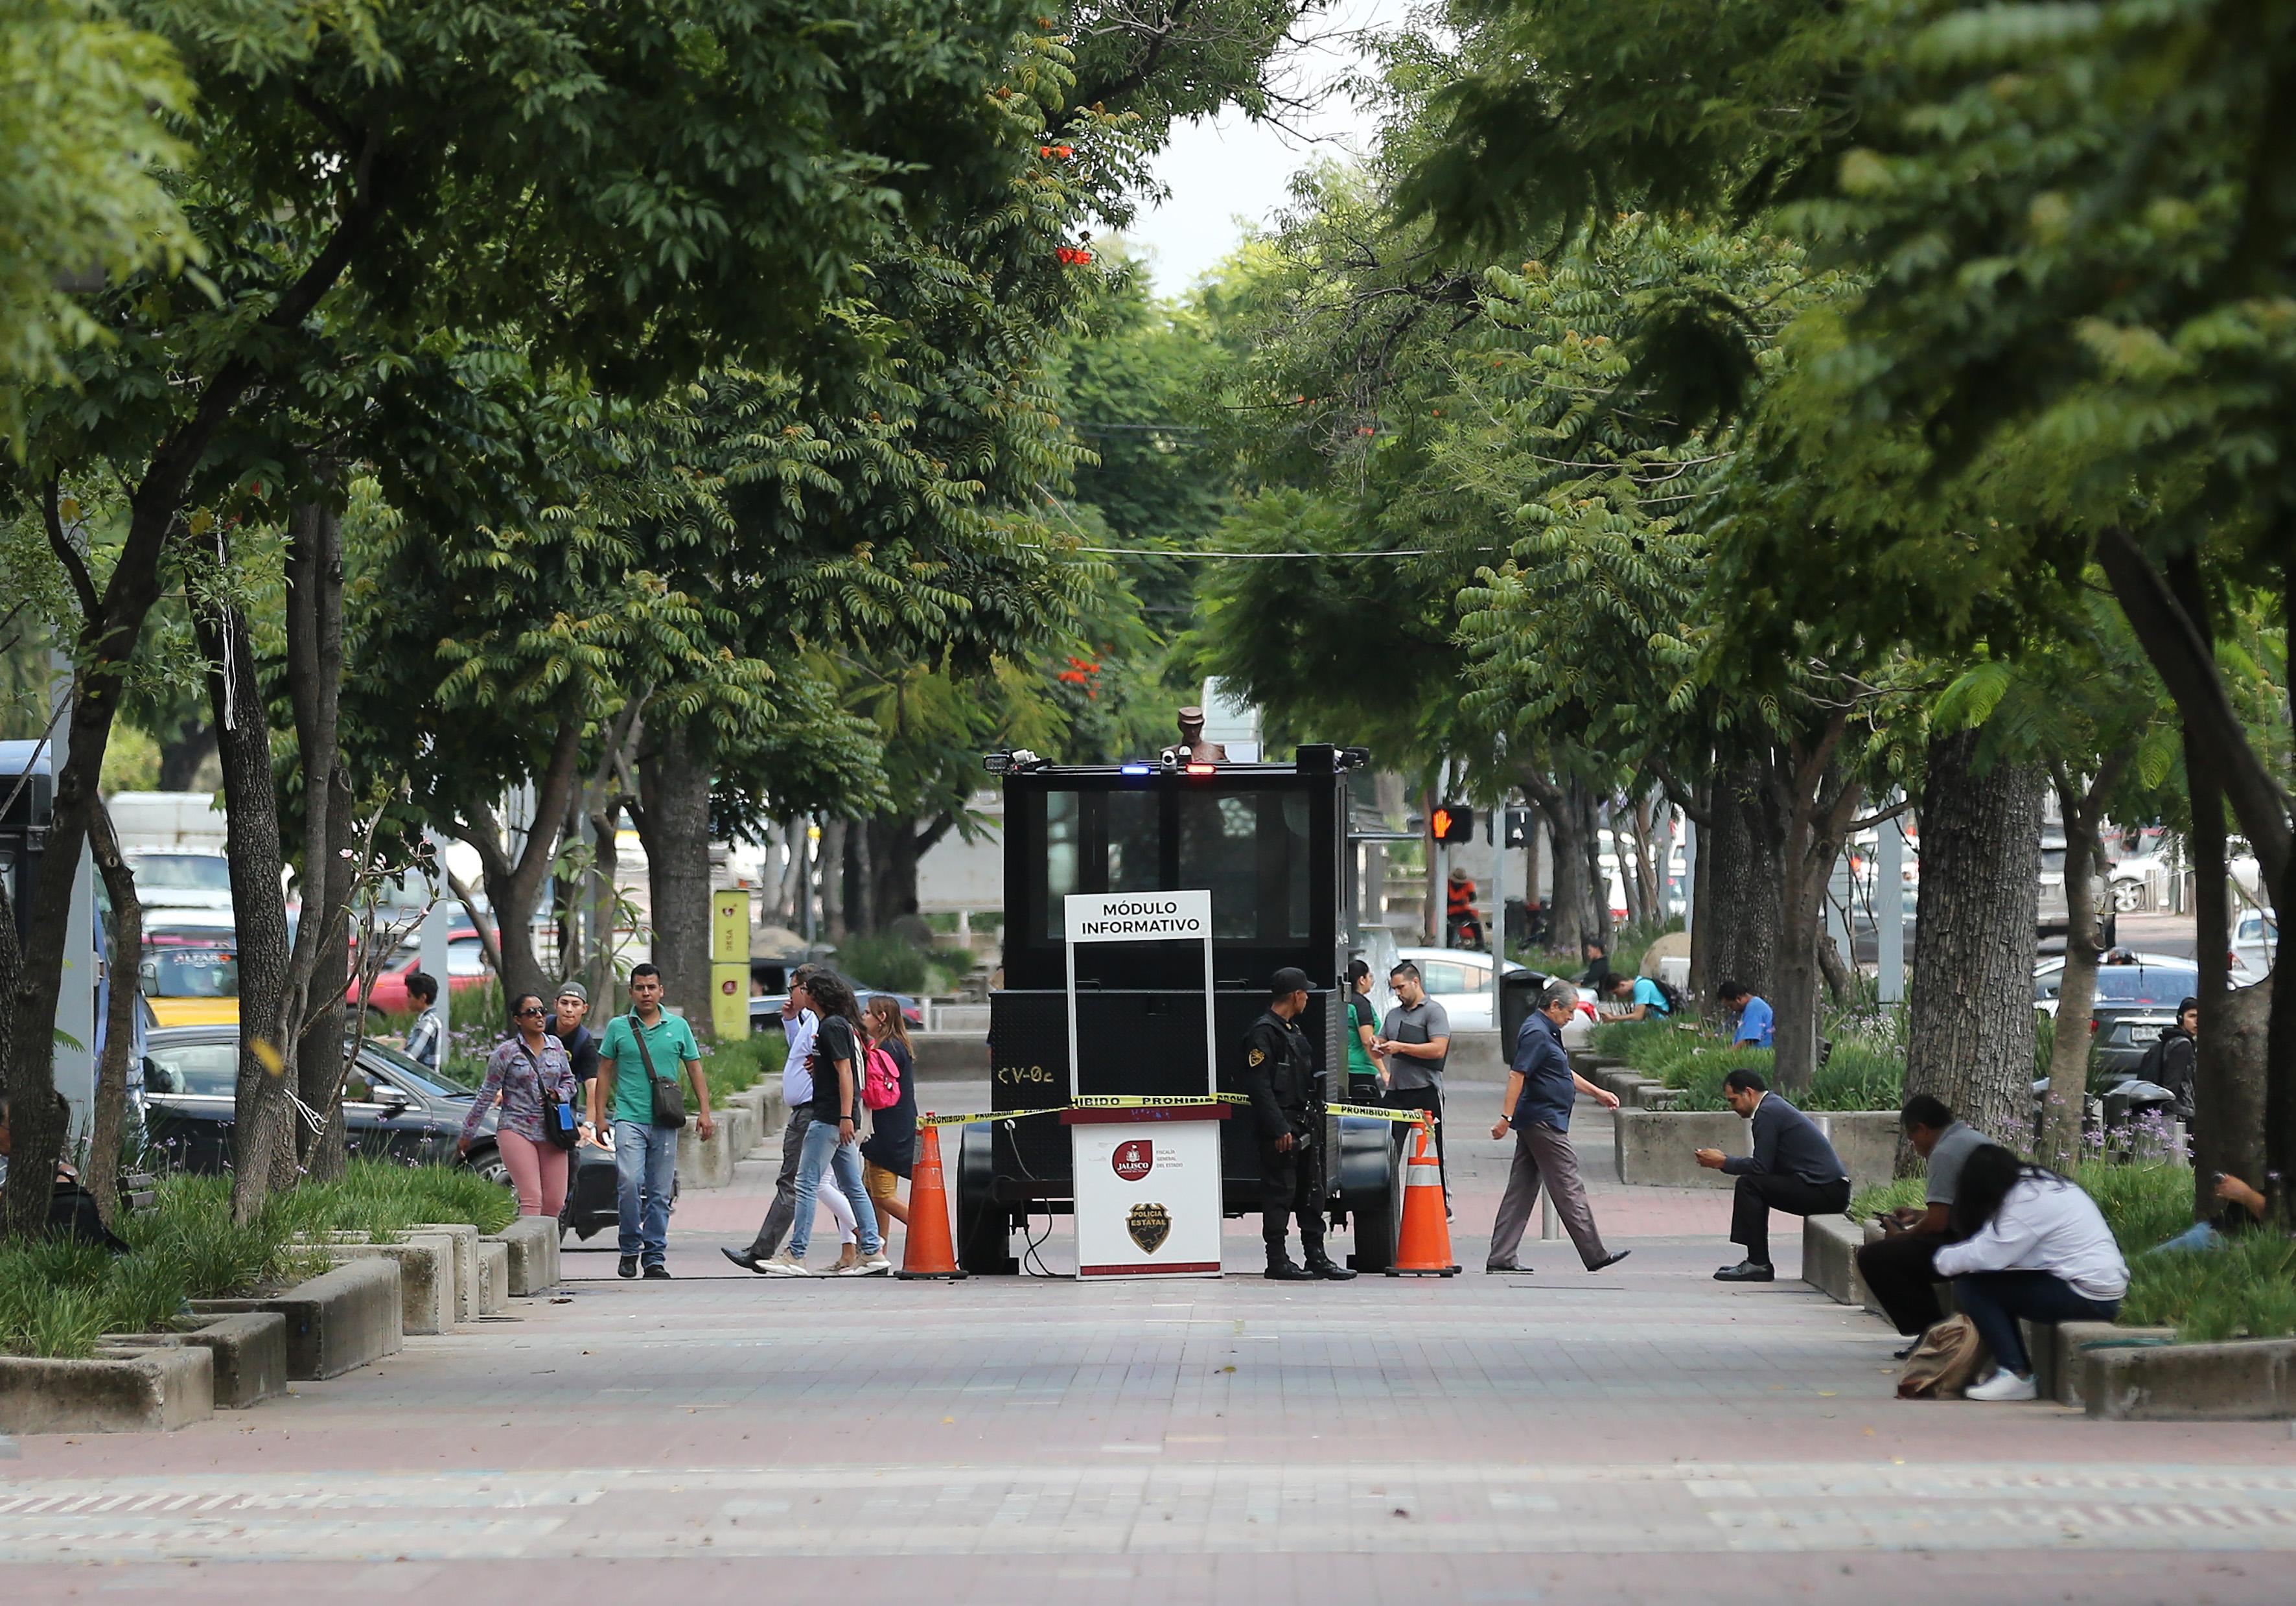 Módulo de policía en un parque